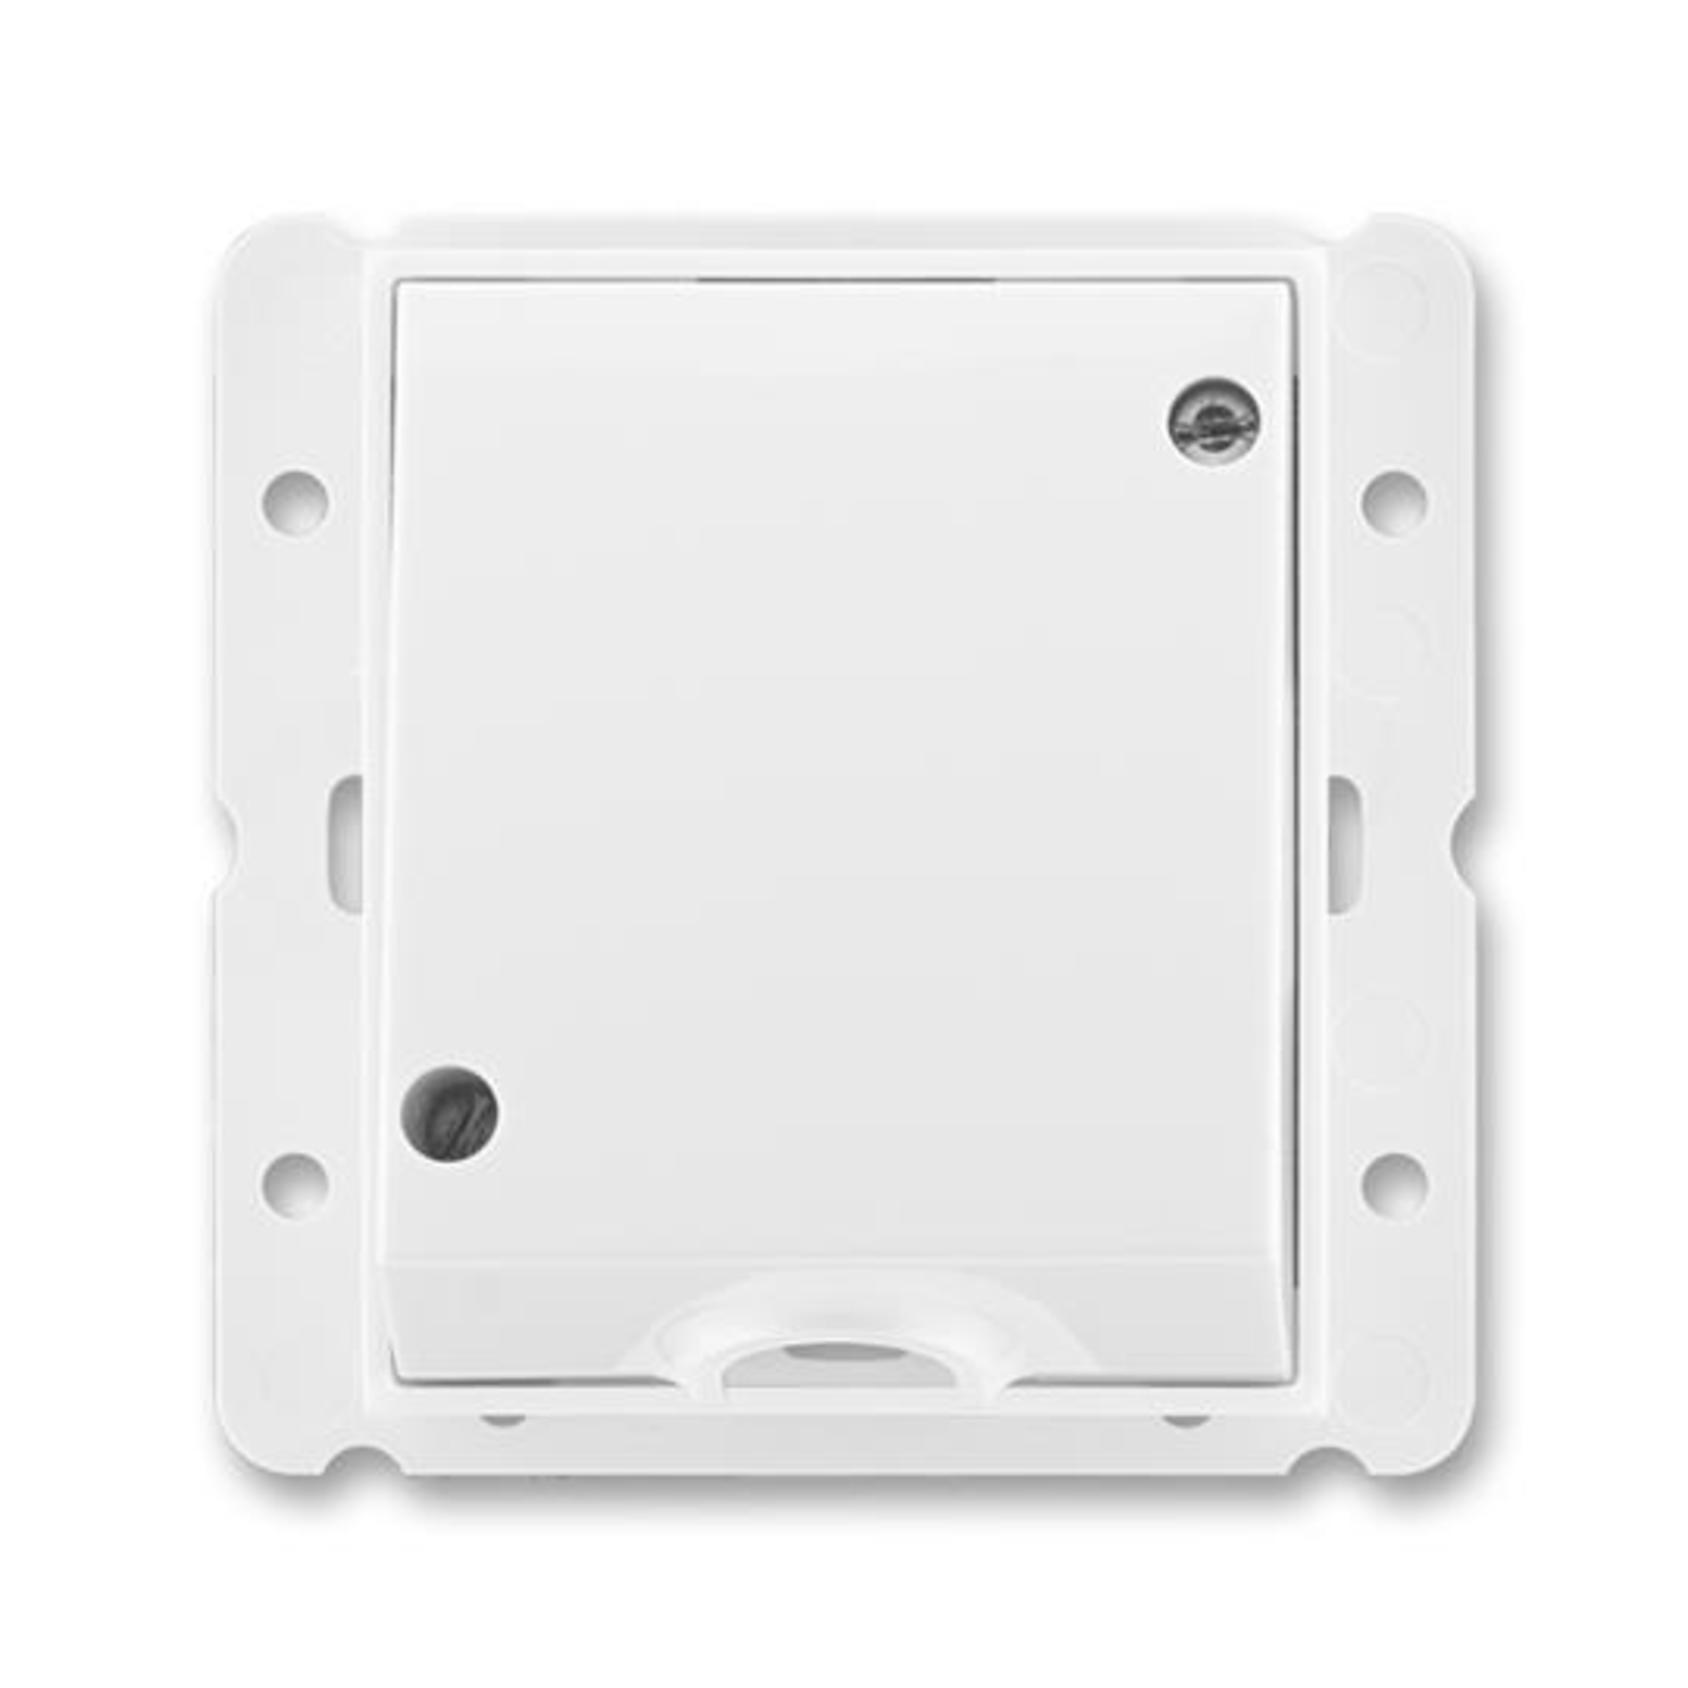 ABB 3938E-A00025 03 Element Svorkovnice s krytem pro pohyblivý přívod 5x 2,5 mm2 Cu